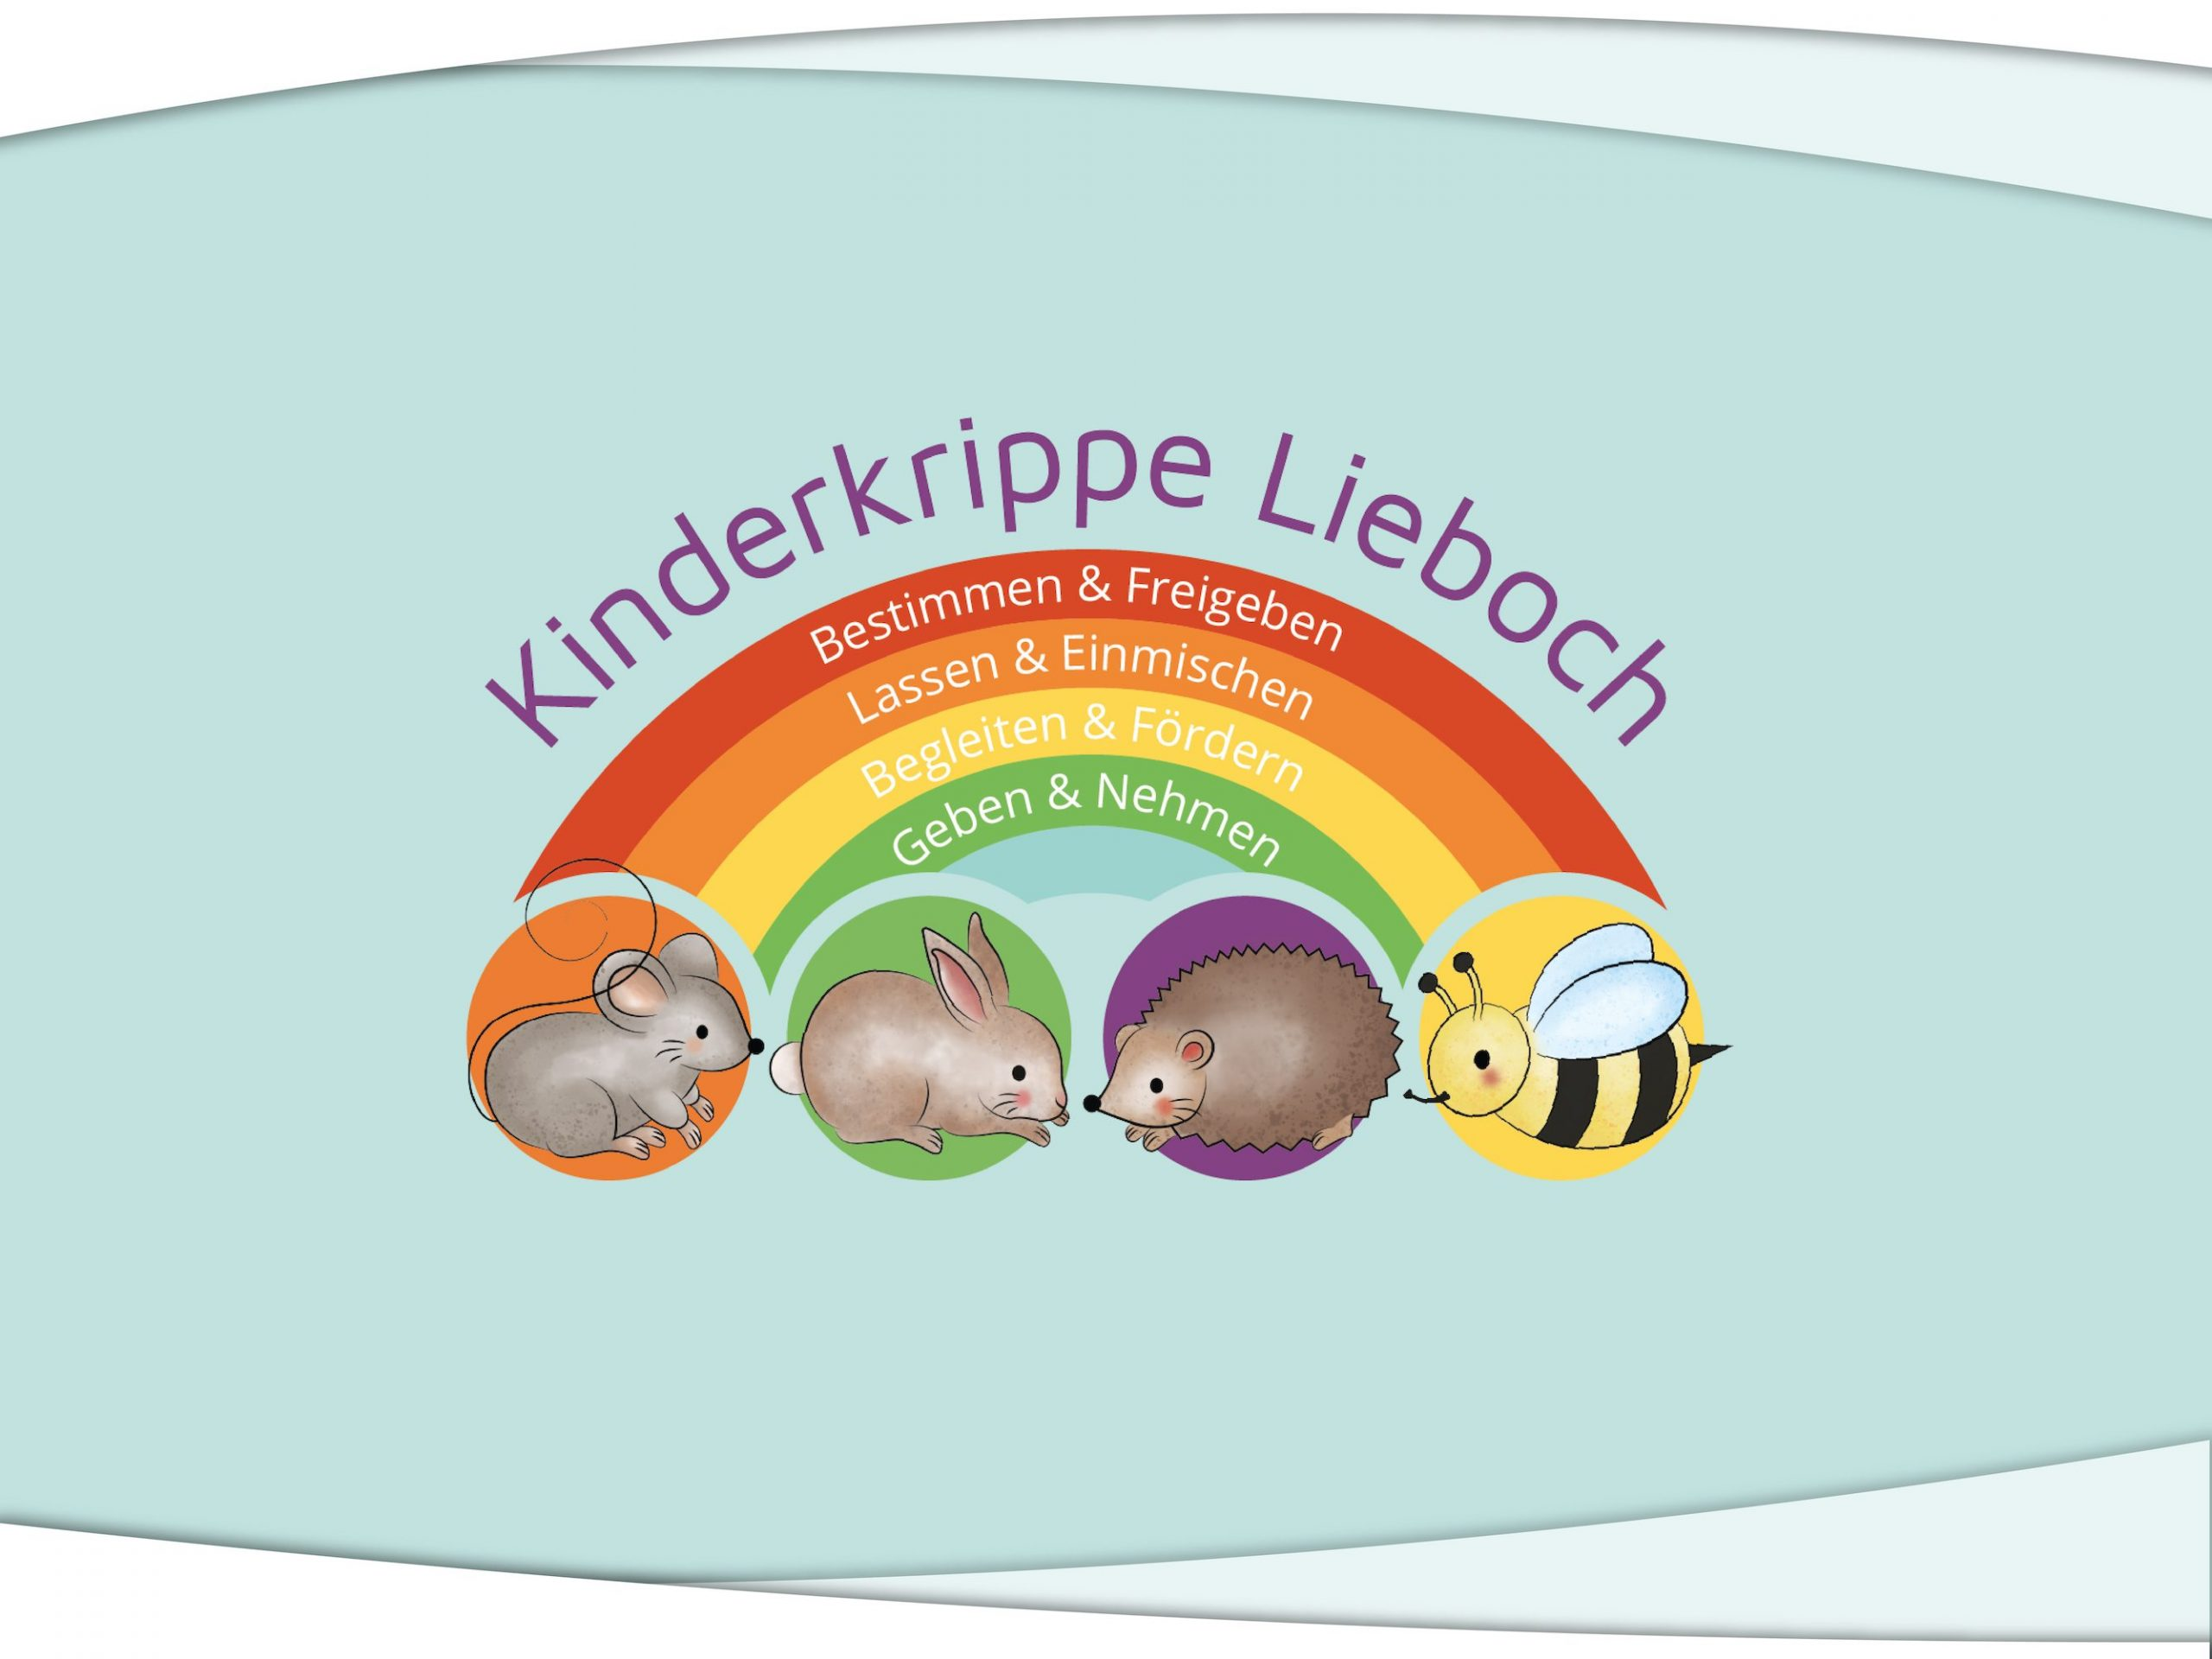 ipad_carousel_kk_logo